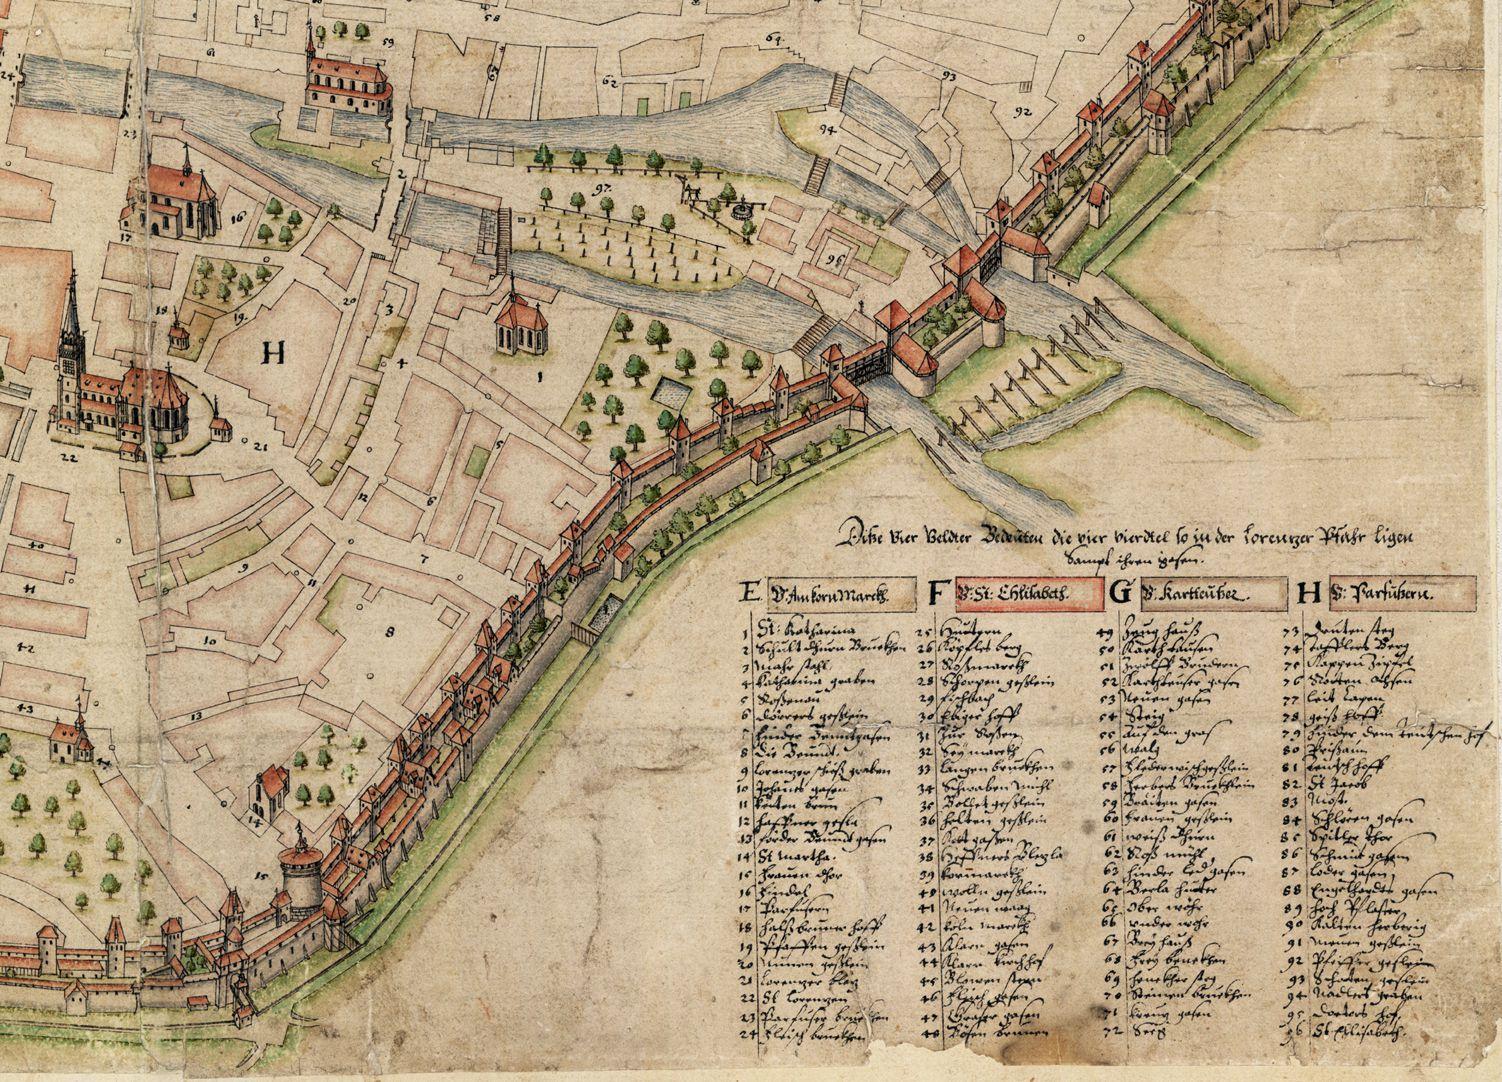 Nürnberg in Aufsicht von Süden rechtes unteres Bildviertel mit Bildlegende